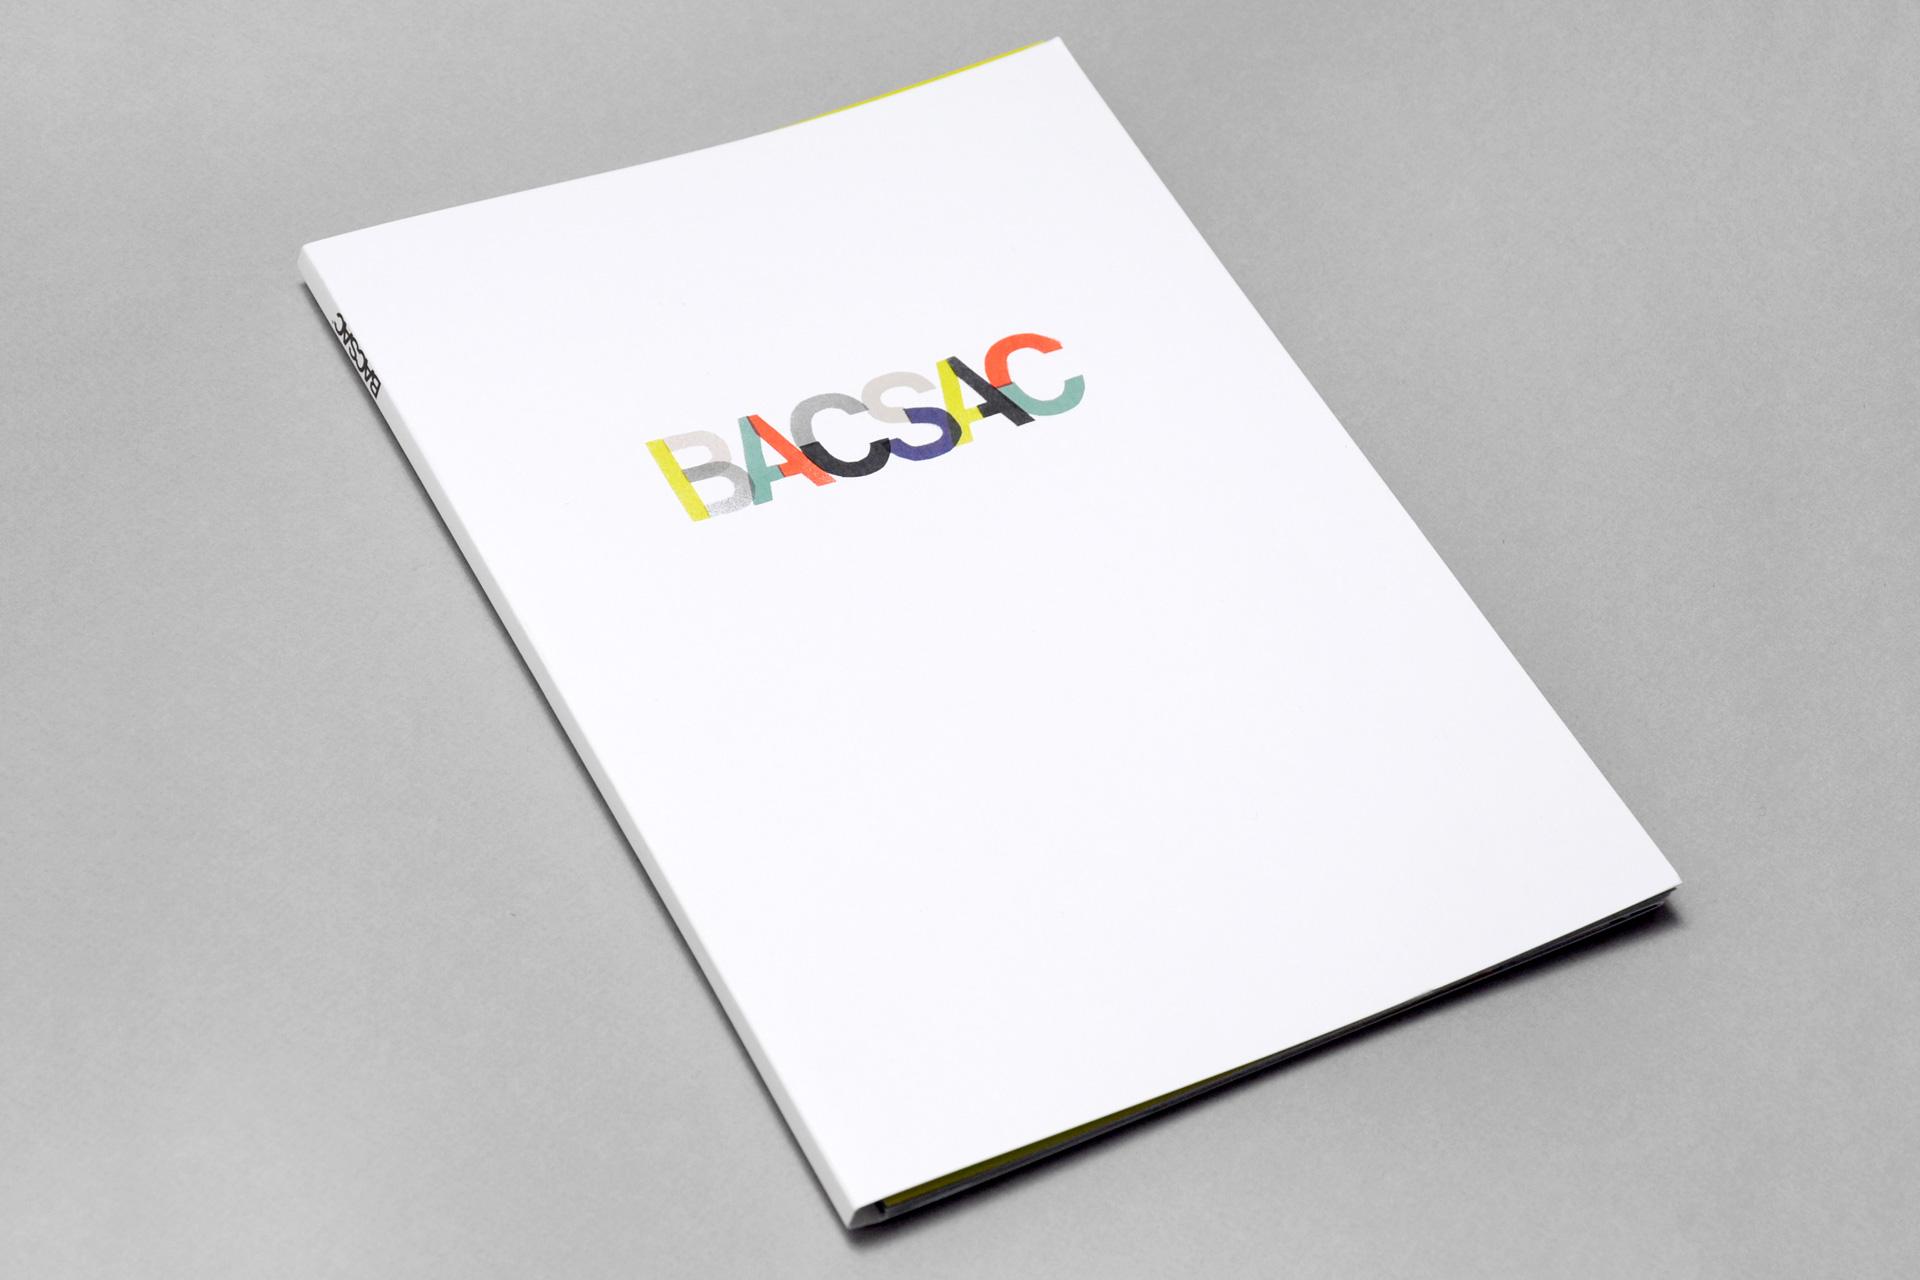 bacsac_catalogue_plastac